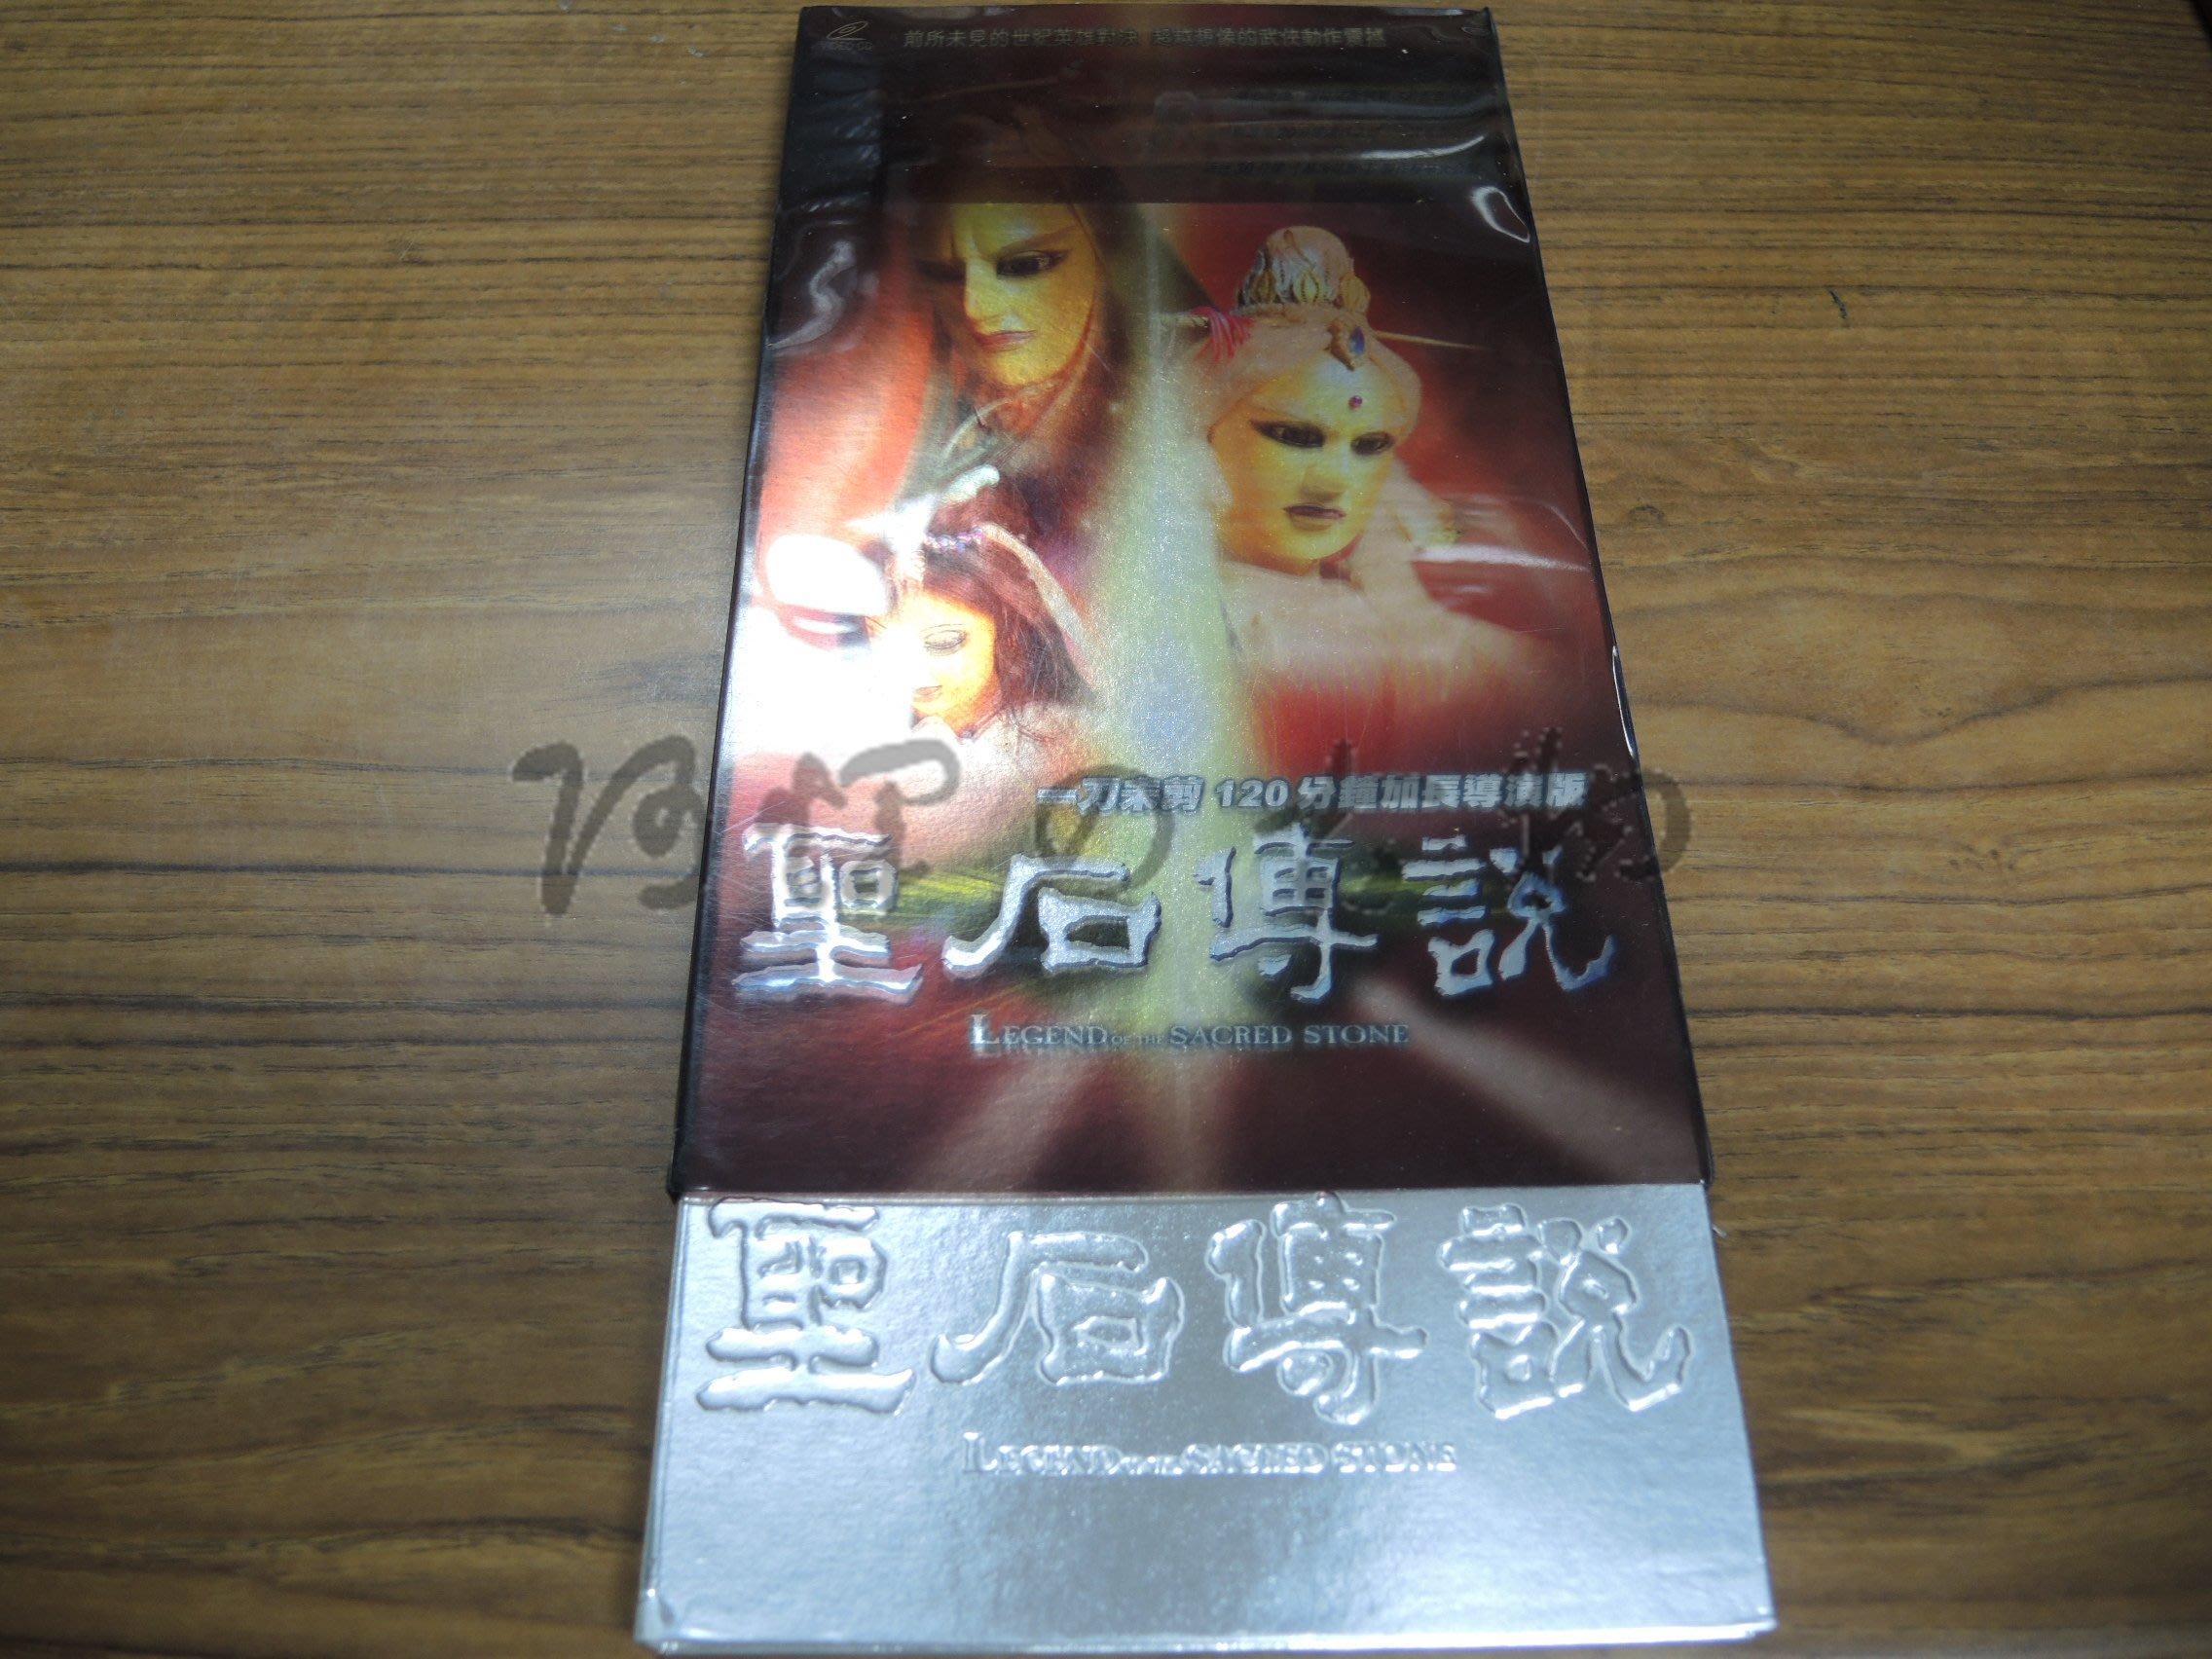 【阿輝の古物】VCD_聖石傳說_有外膠盒_4VCD_1元起標無底價